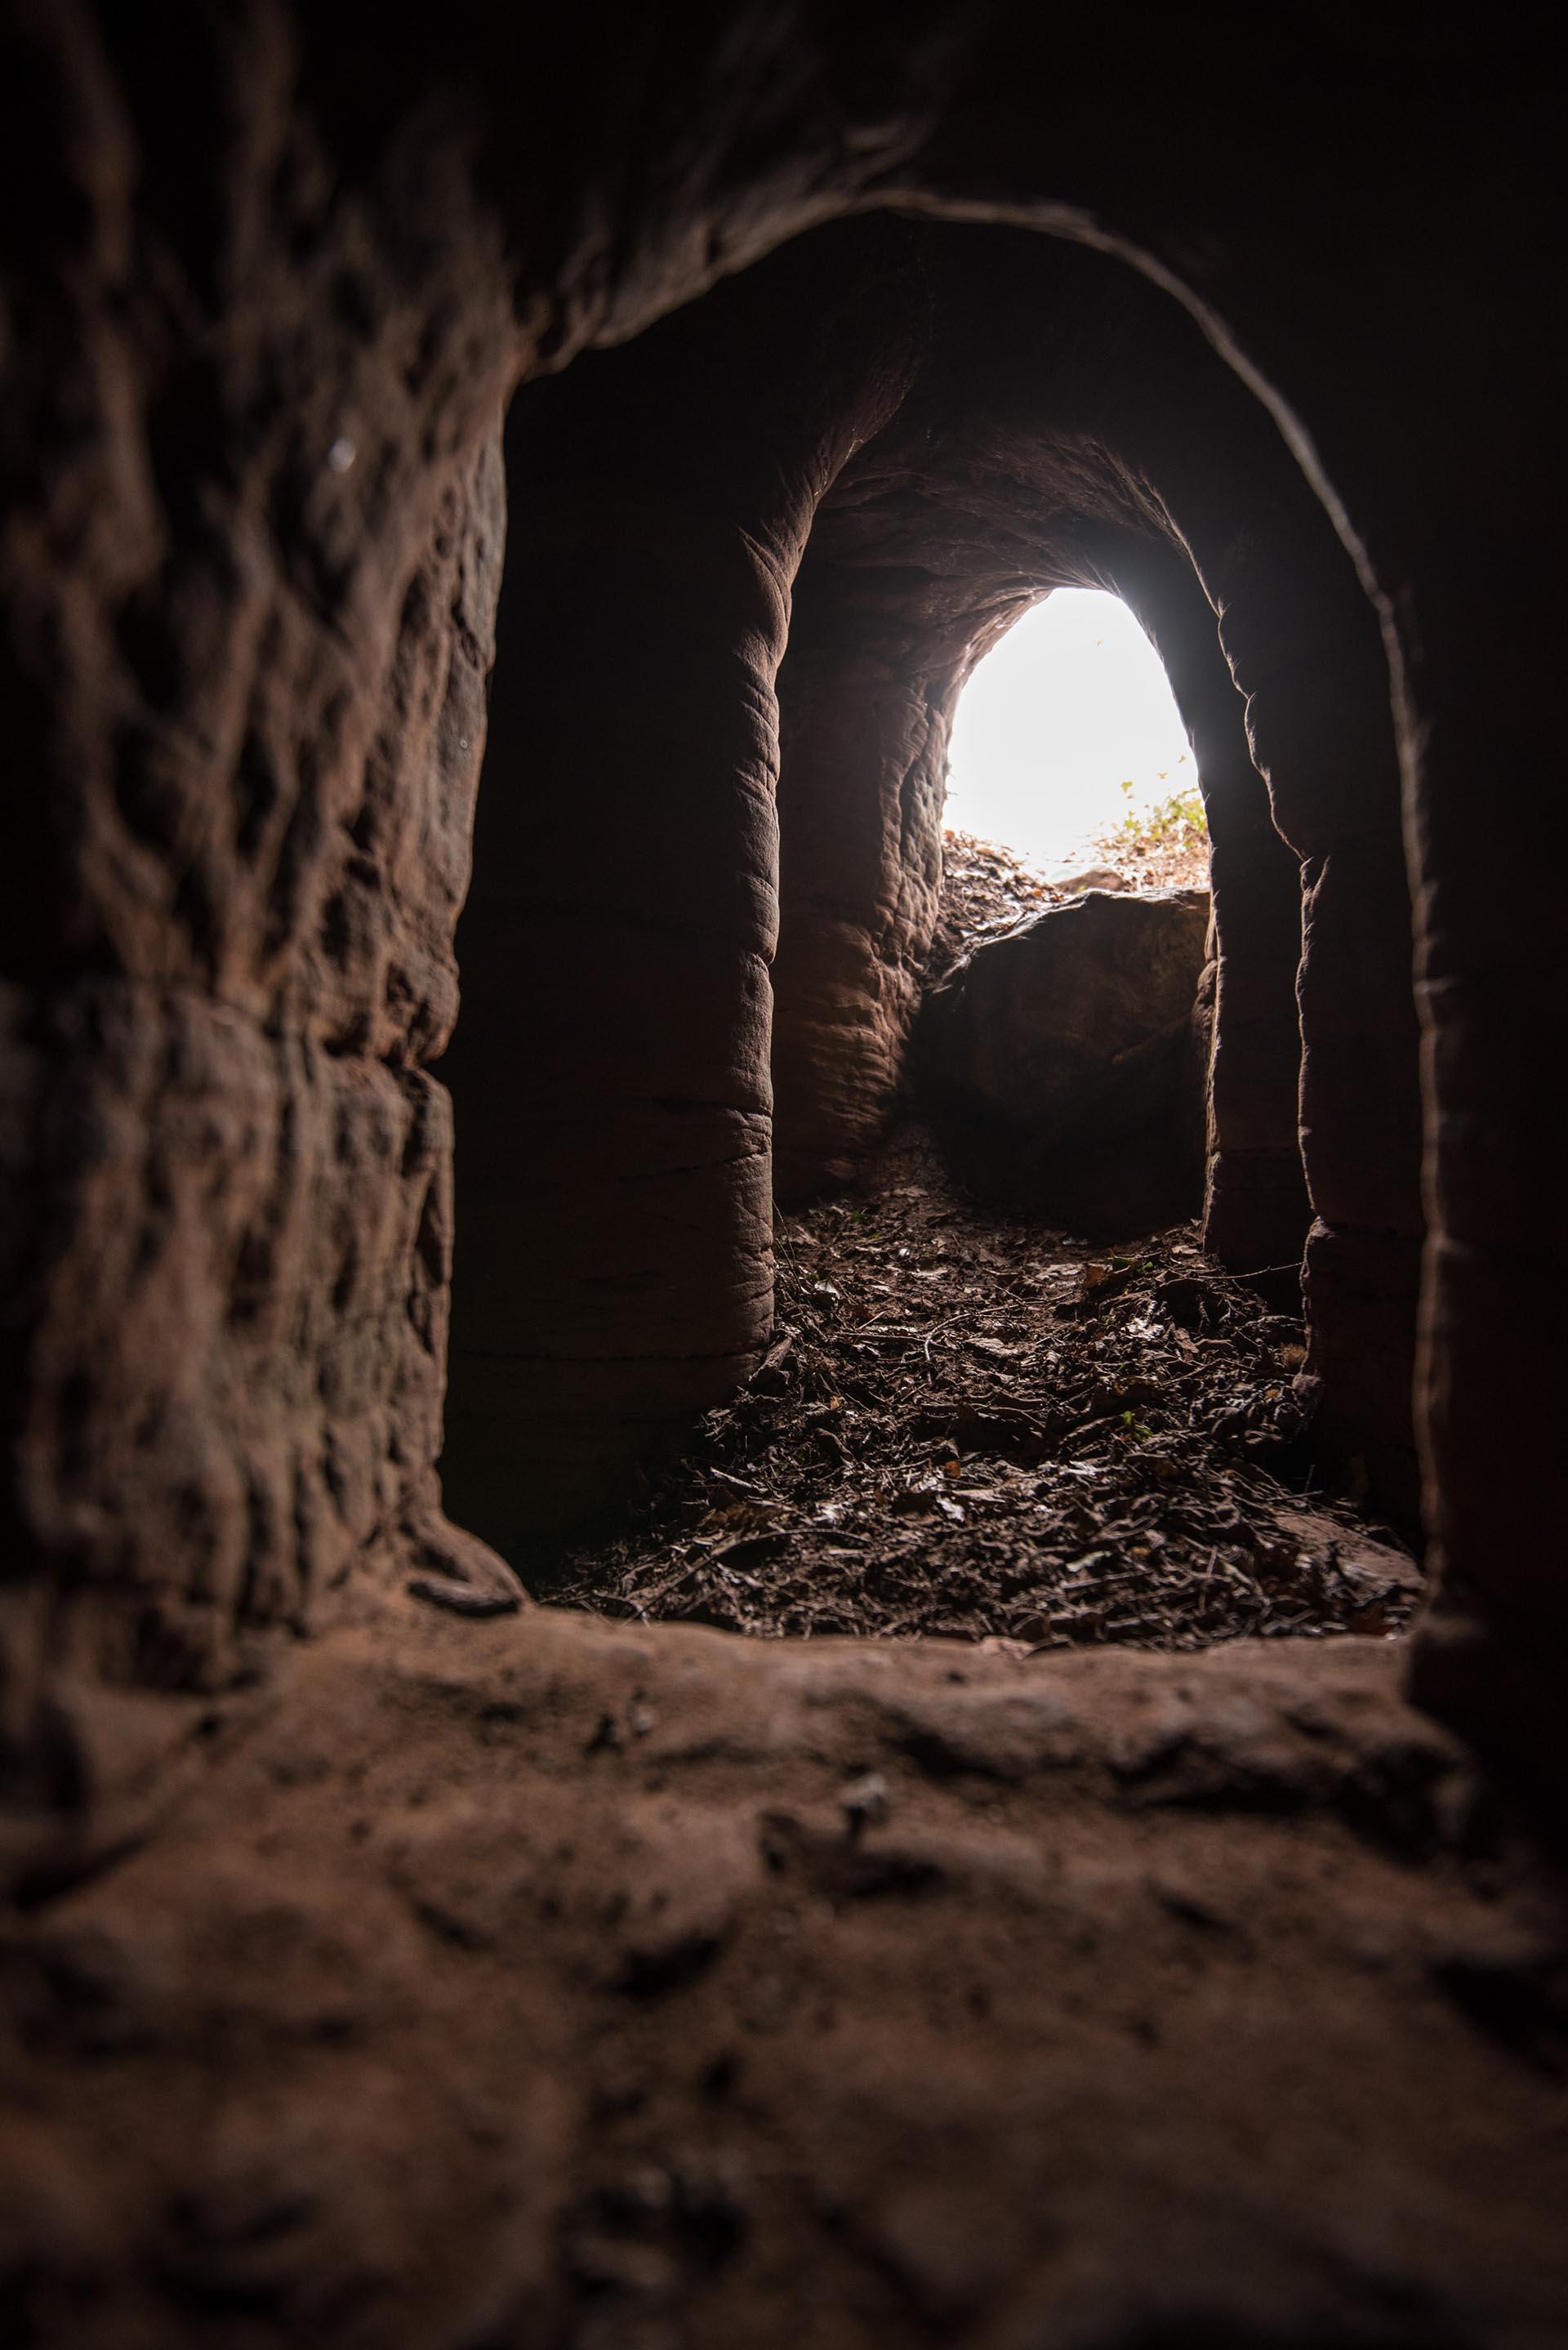 La entrada de la caverna donde los templarios rendían culto a Dios (Michael Scott/Caters News/The Grosby Group)